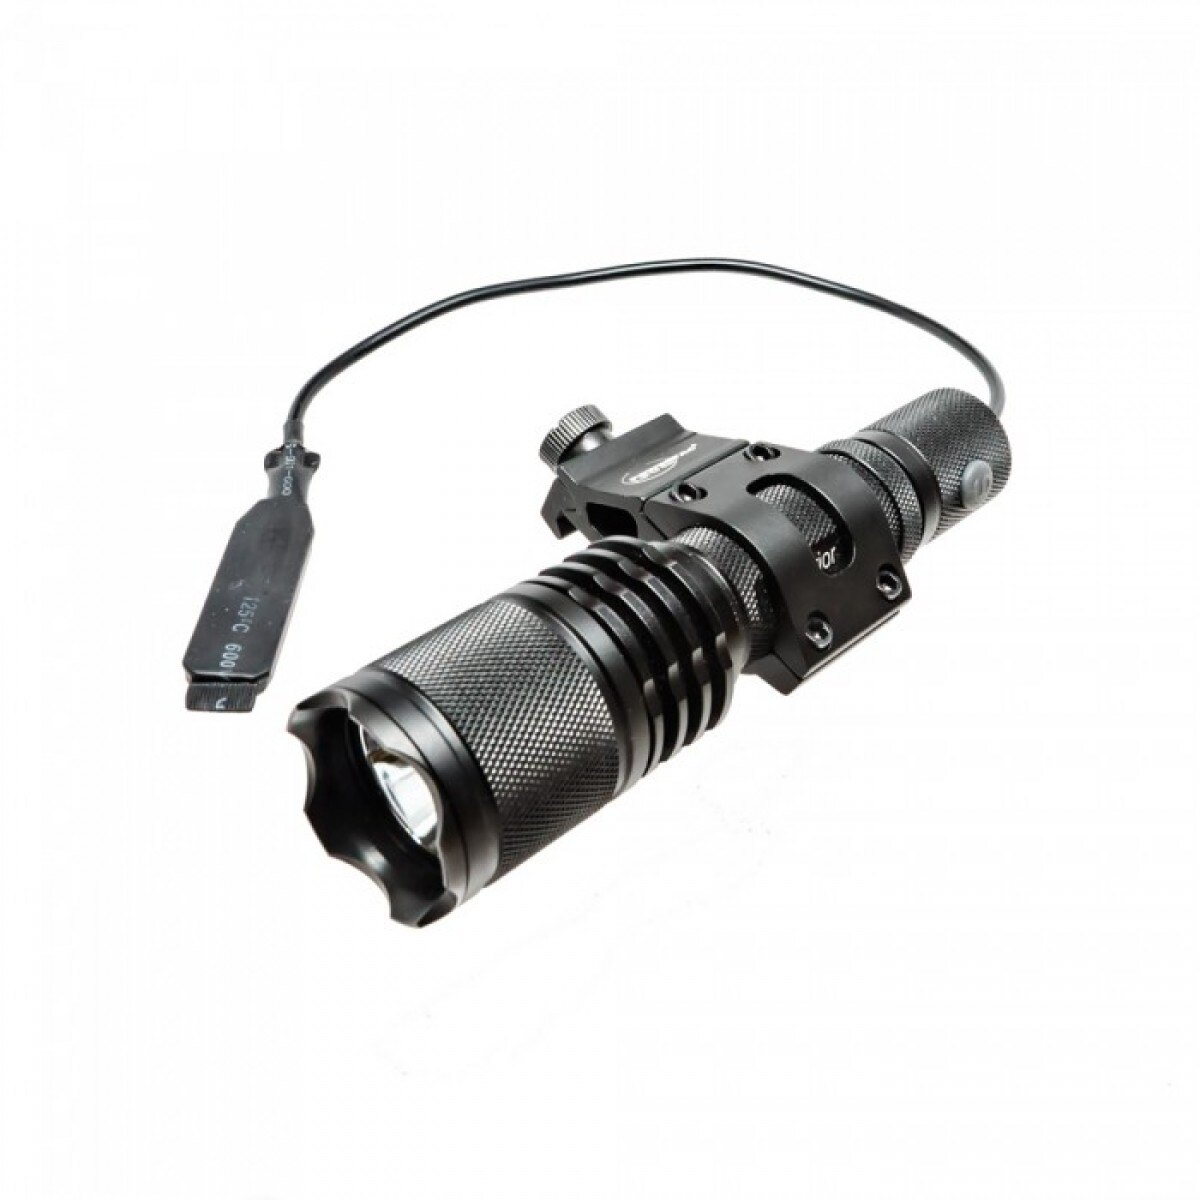 Svietidlový set na zbraň (svietidlo Warrior/uchycení Offset/diaľkový spínač) PowerTac® – Čierna (Farba: Čierna)